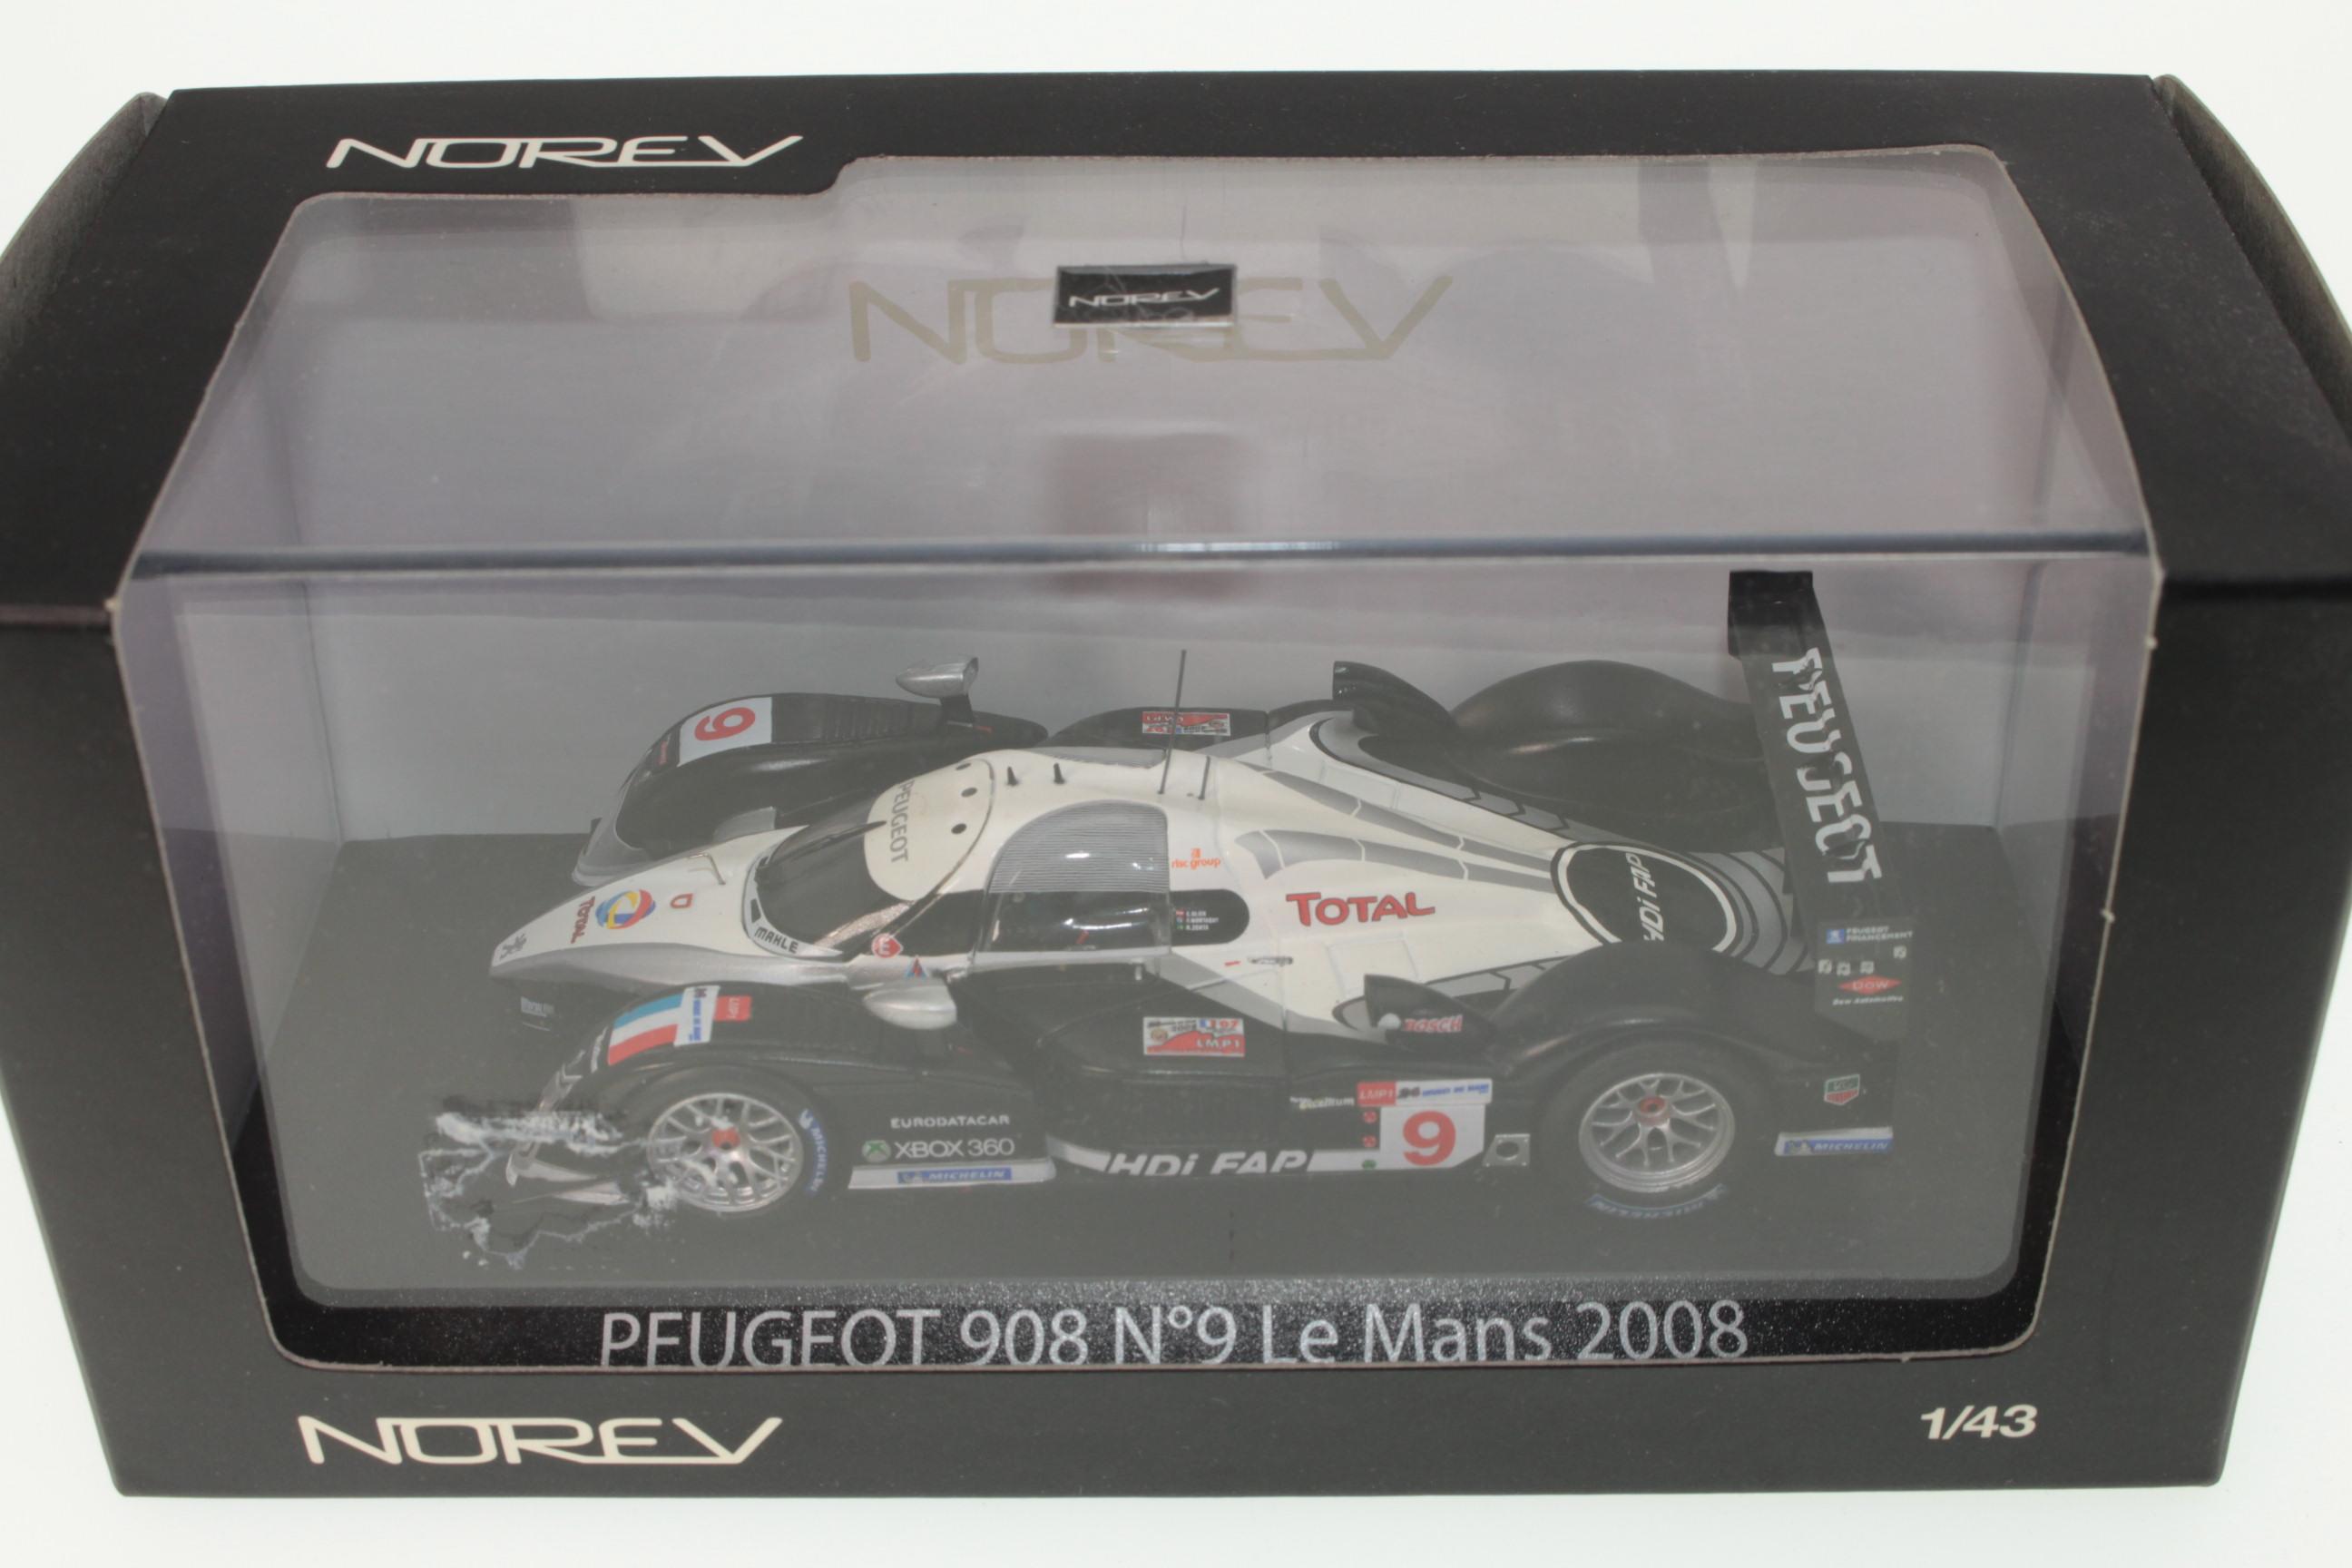 norev 472724 peugeot 908 le mans 2008 buy it now toymart shop. Black Bedroom Furniture Sets. Home Design Ideas